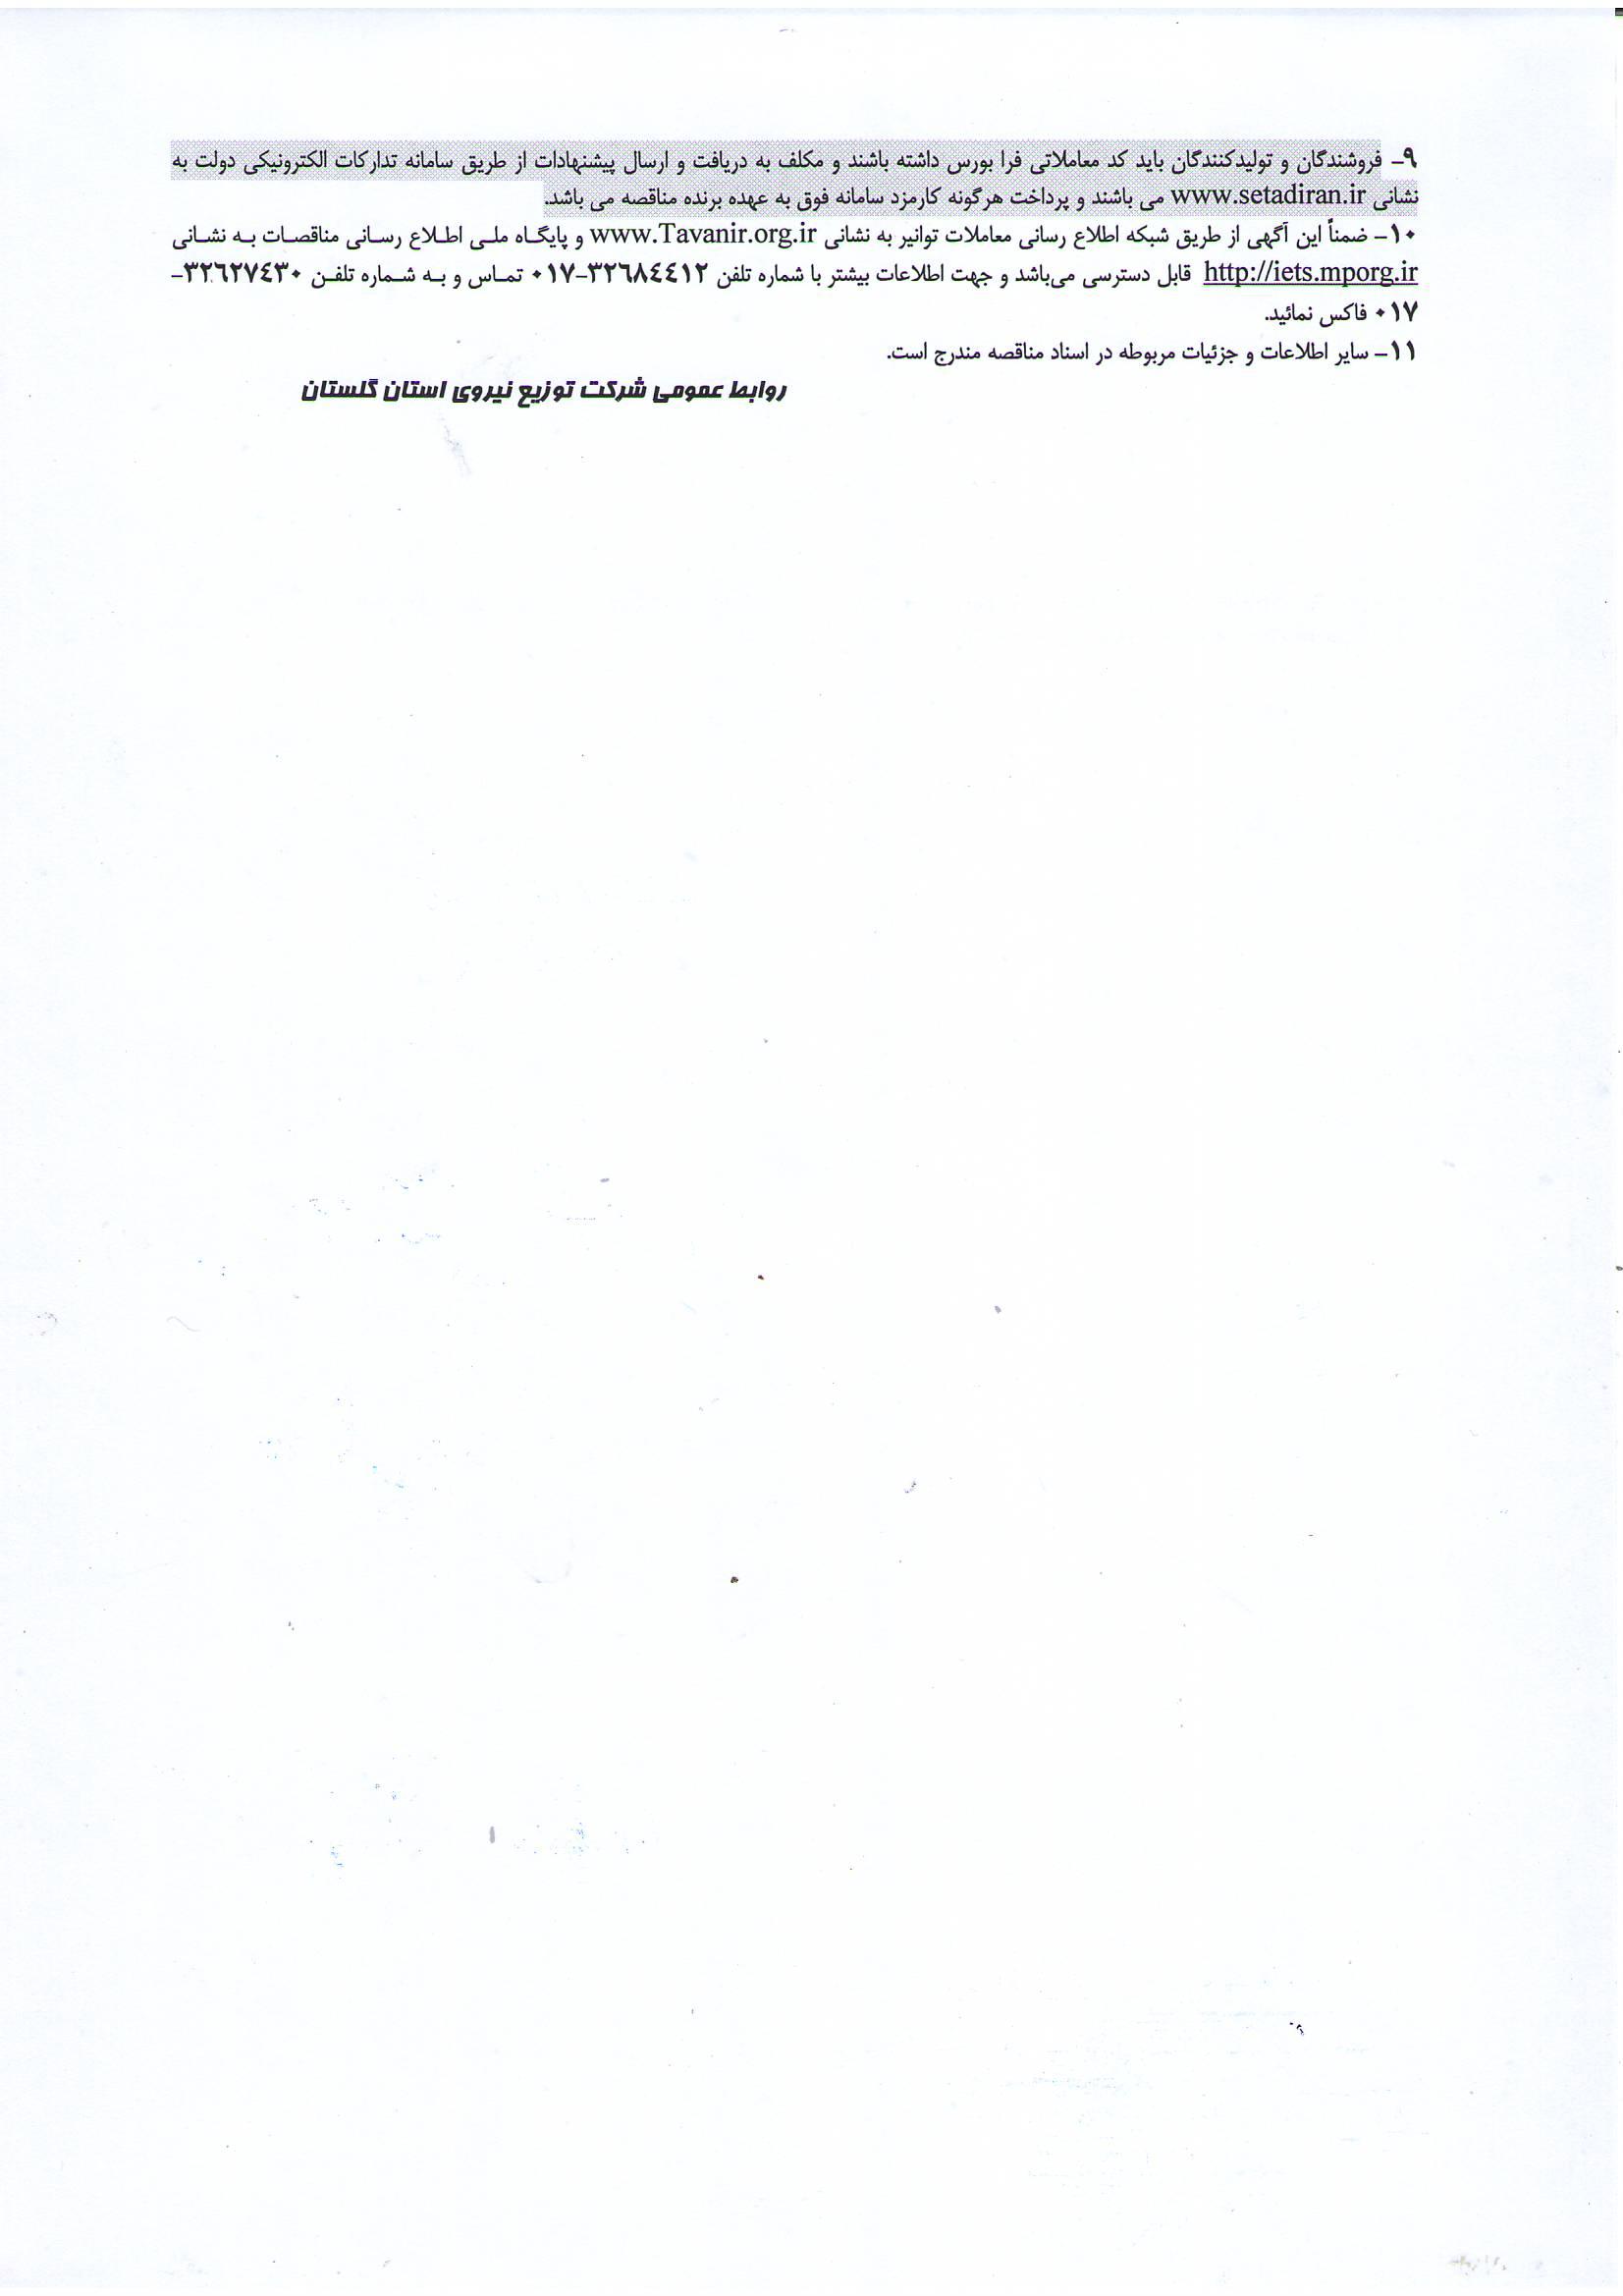 تجدید مناقصه کلید در دست(آسیب دیده از حوادث غیرمترقبه) مدیریت های برق استان